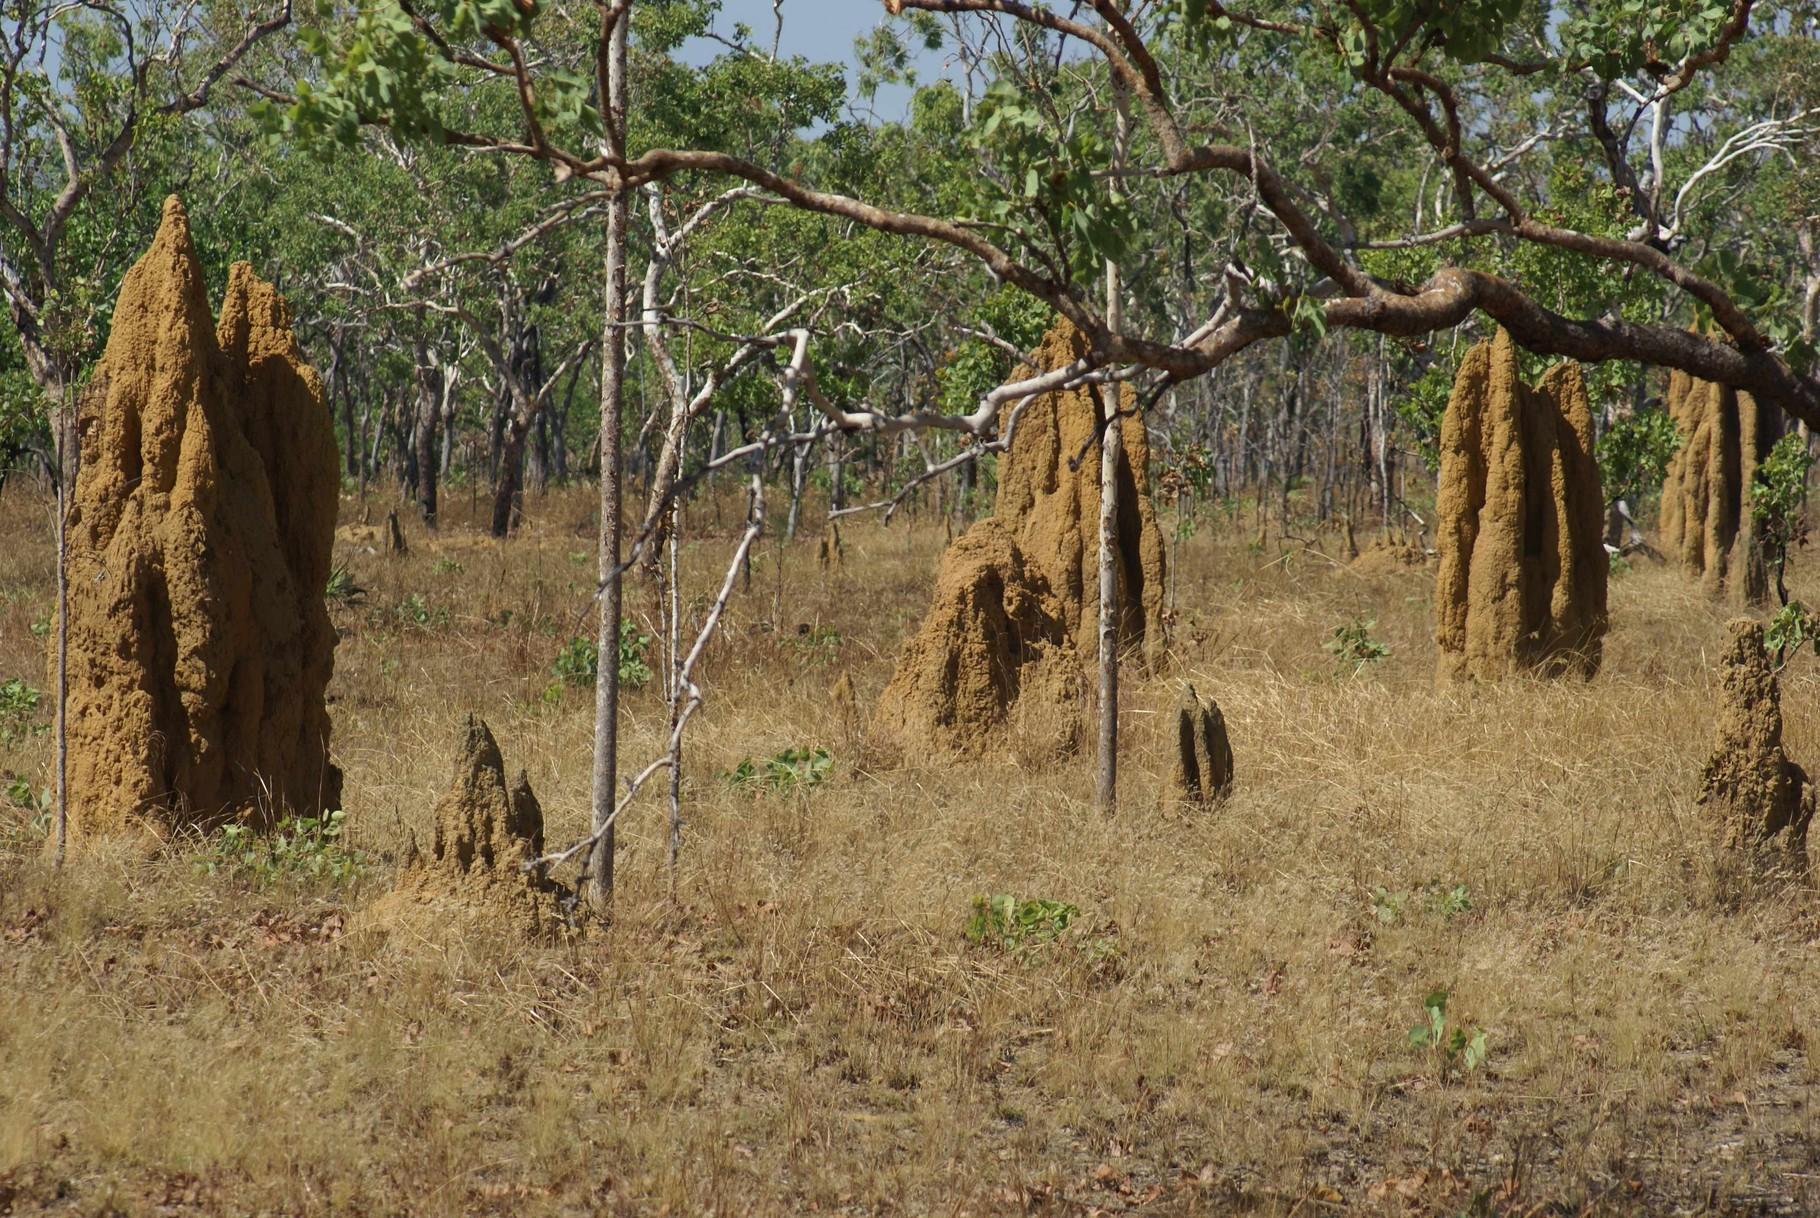 Holzabfälle werden durch die Termiten entfernt - die Dichte der Hügel nimmt entsprechend zu